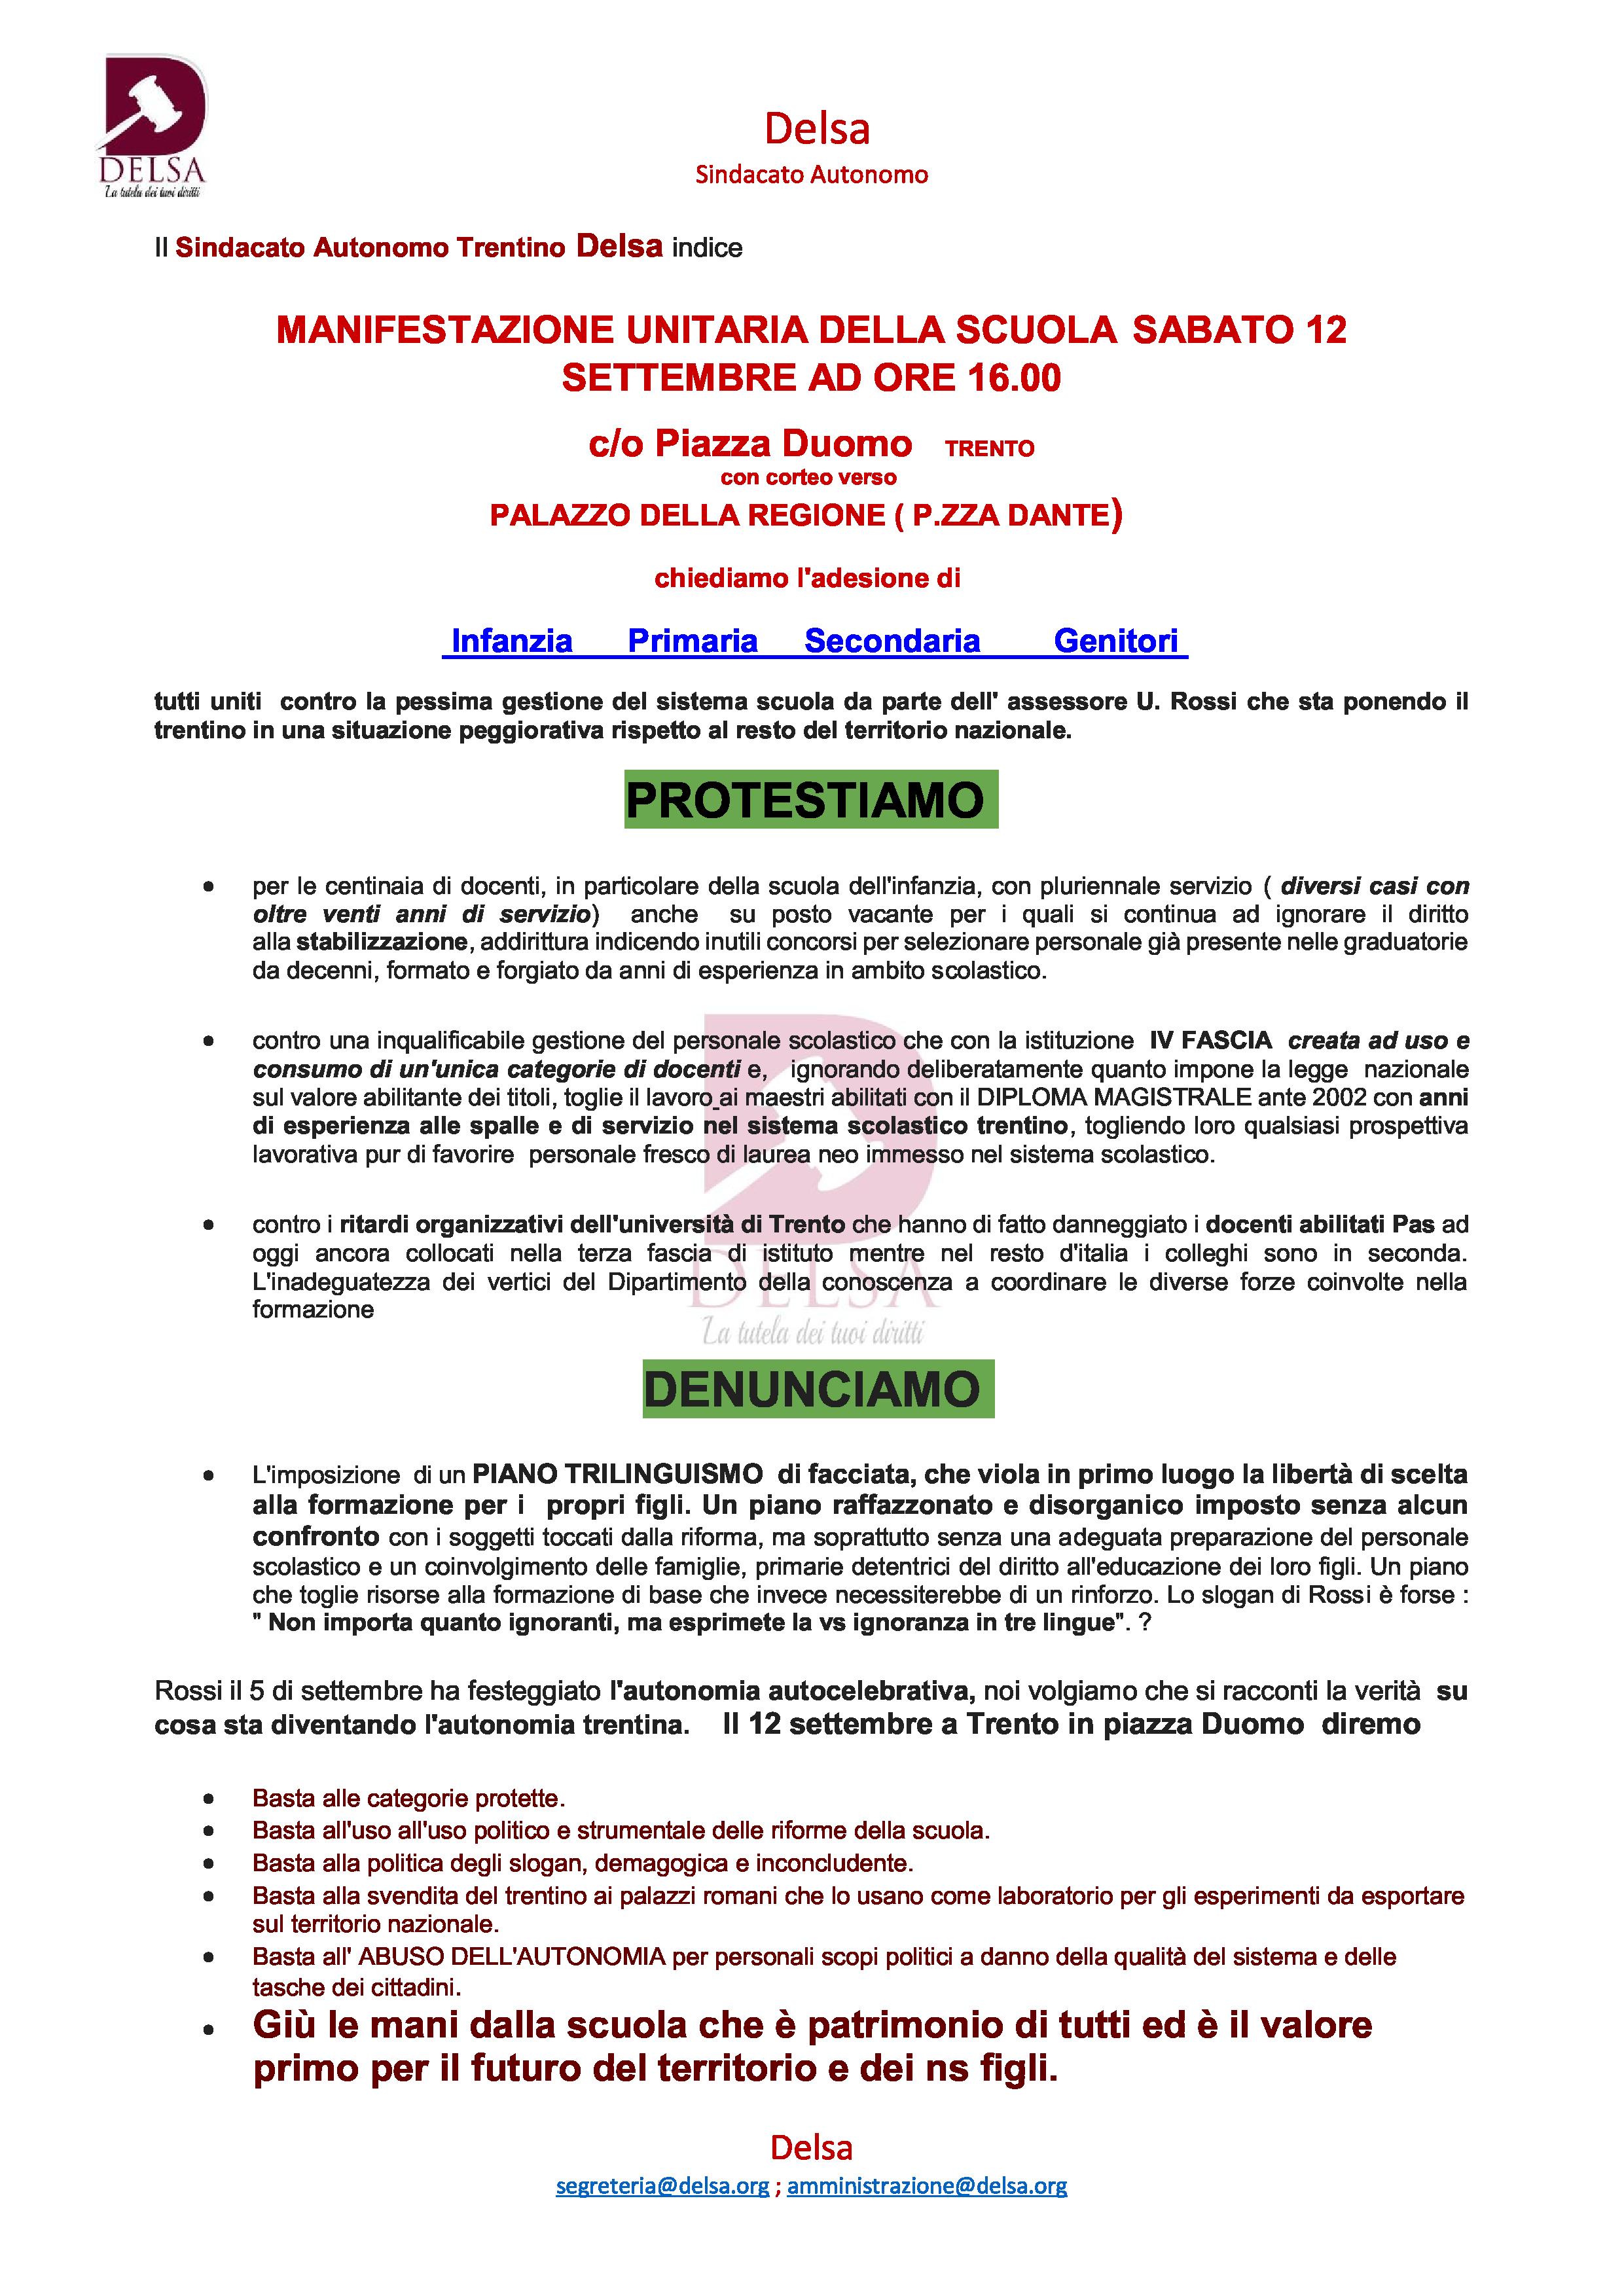 Delsa-Volantino-12-settembre-2015_0001